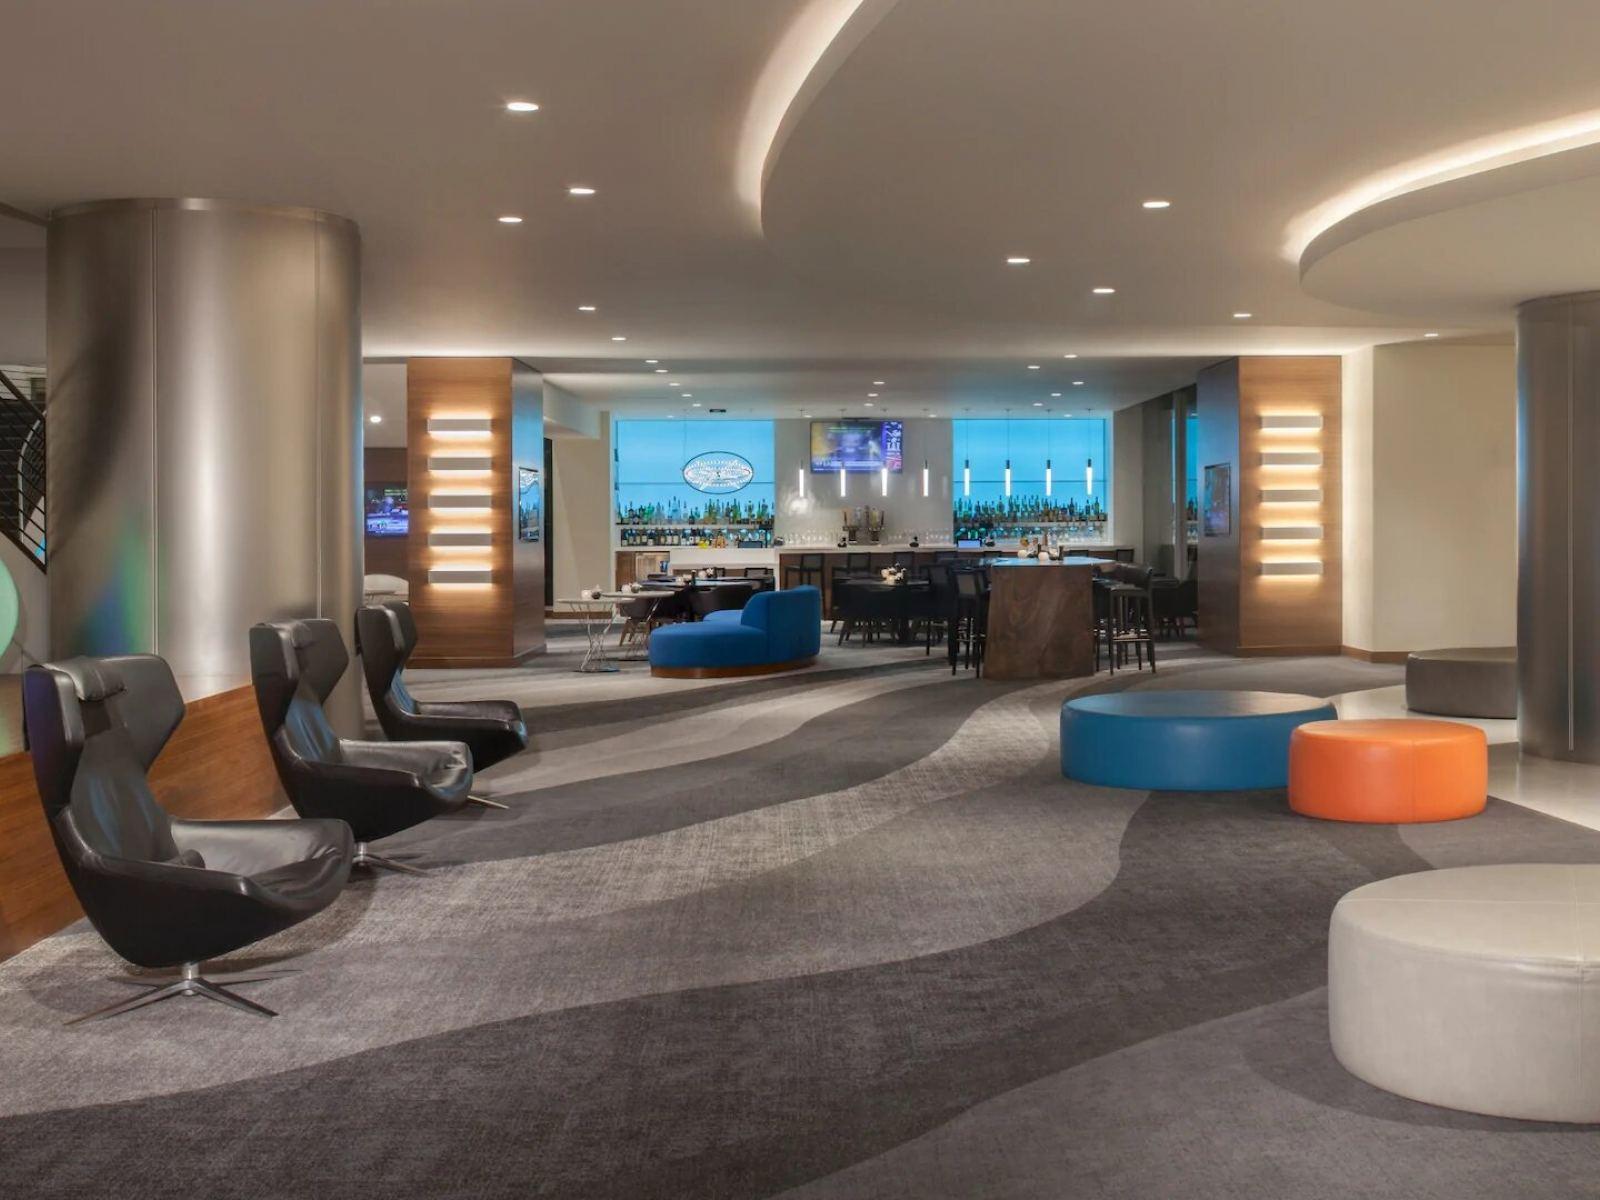 Hyatt Regency LAX lobby and bar